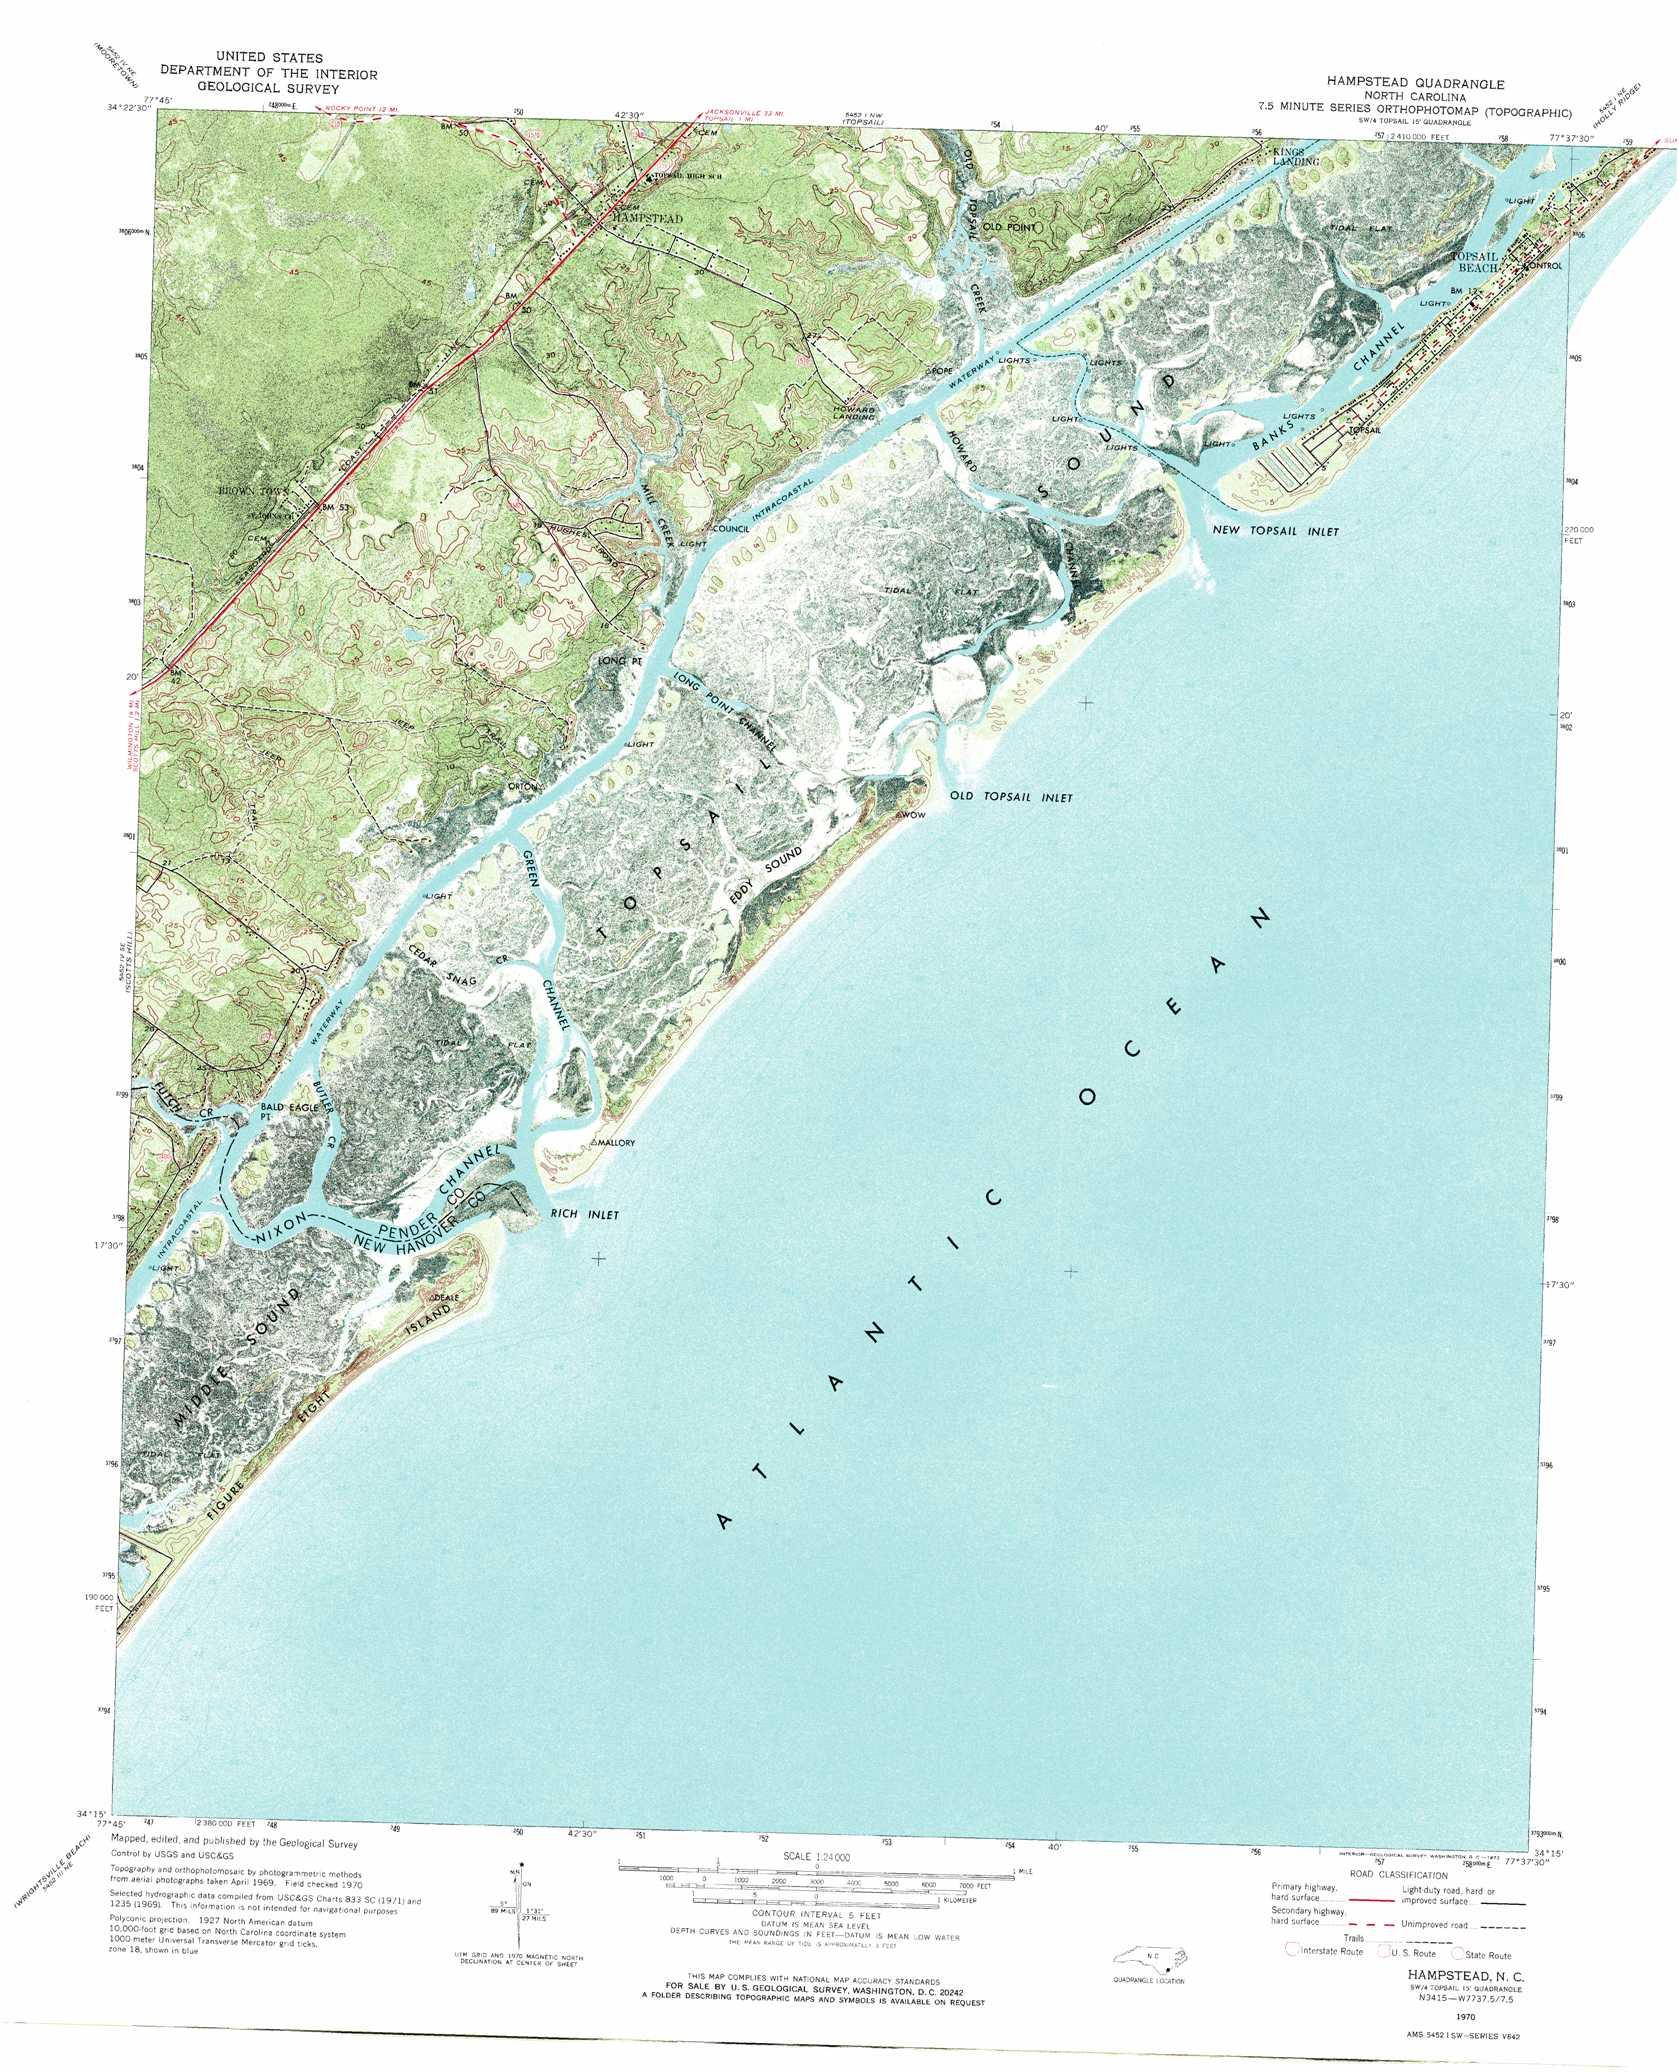 Hampstead Topographic Map Nc Usgs Topo Quad 34077c6